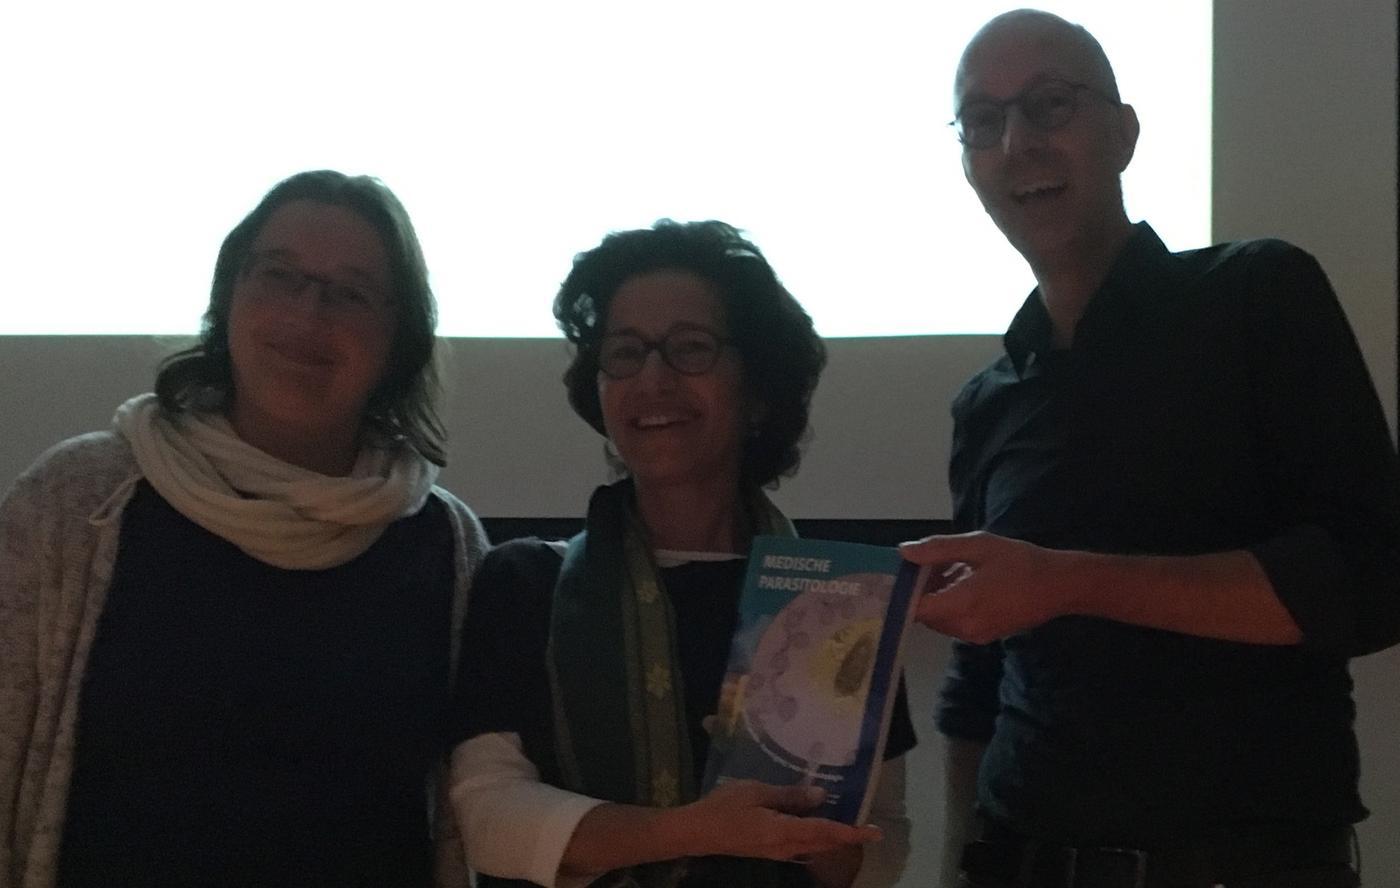 Boek: Medische Parasitologie gepresenteerd